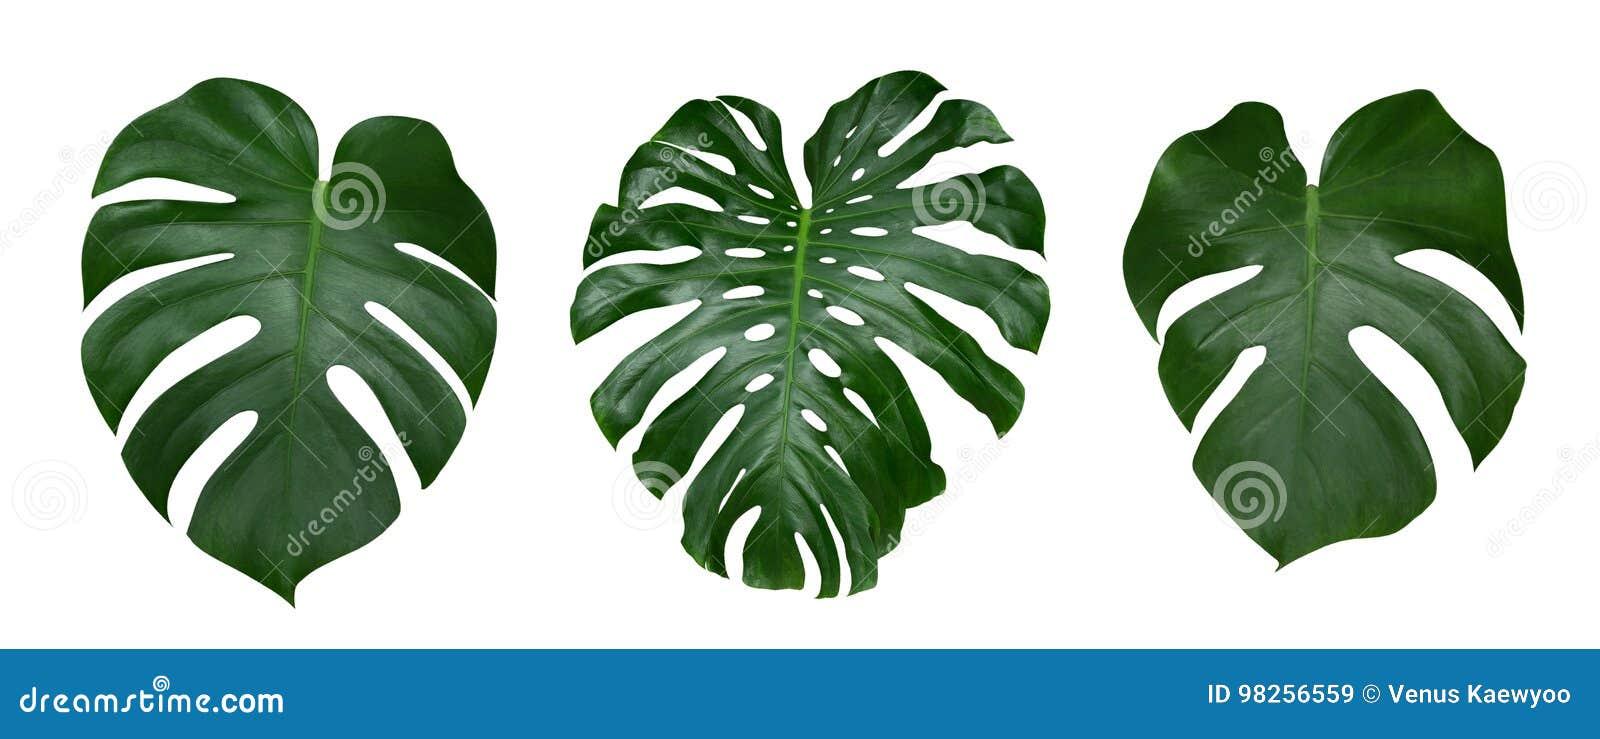 Monstera växtsidor, den tropiska vintergröna vinrankan som isoleras på vit bakgrund, bana